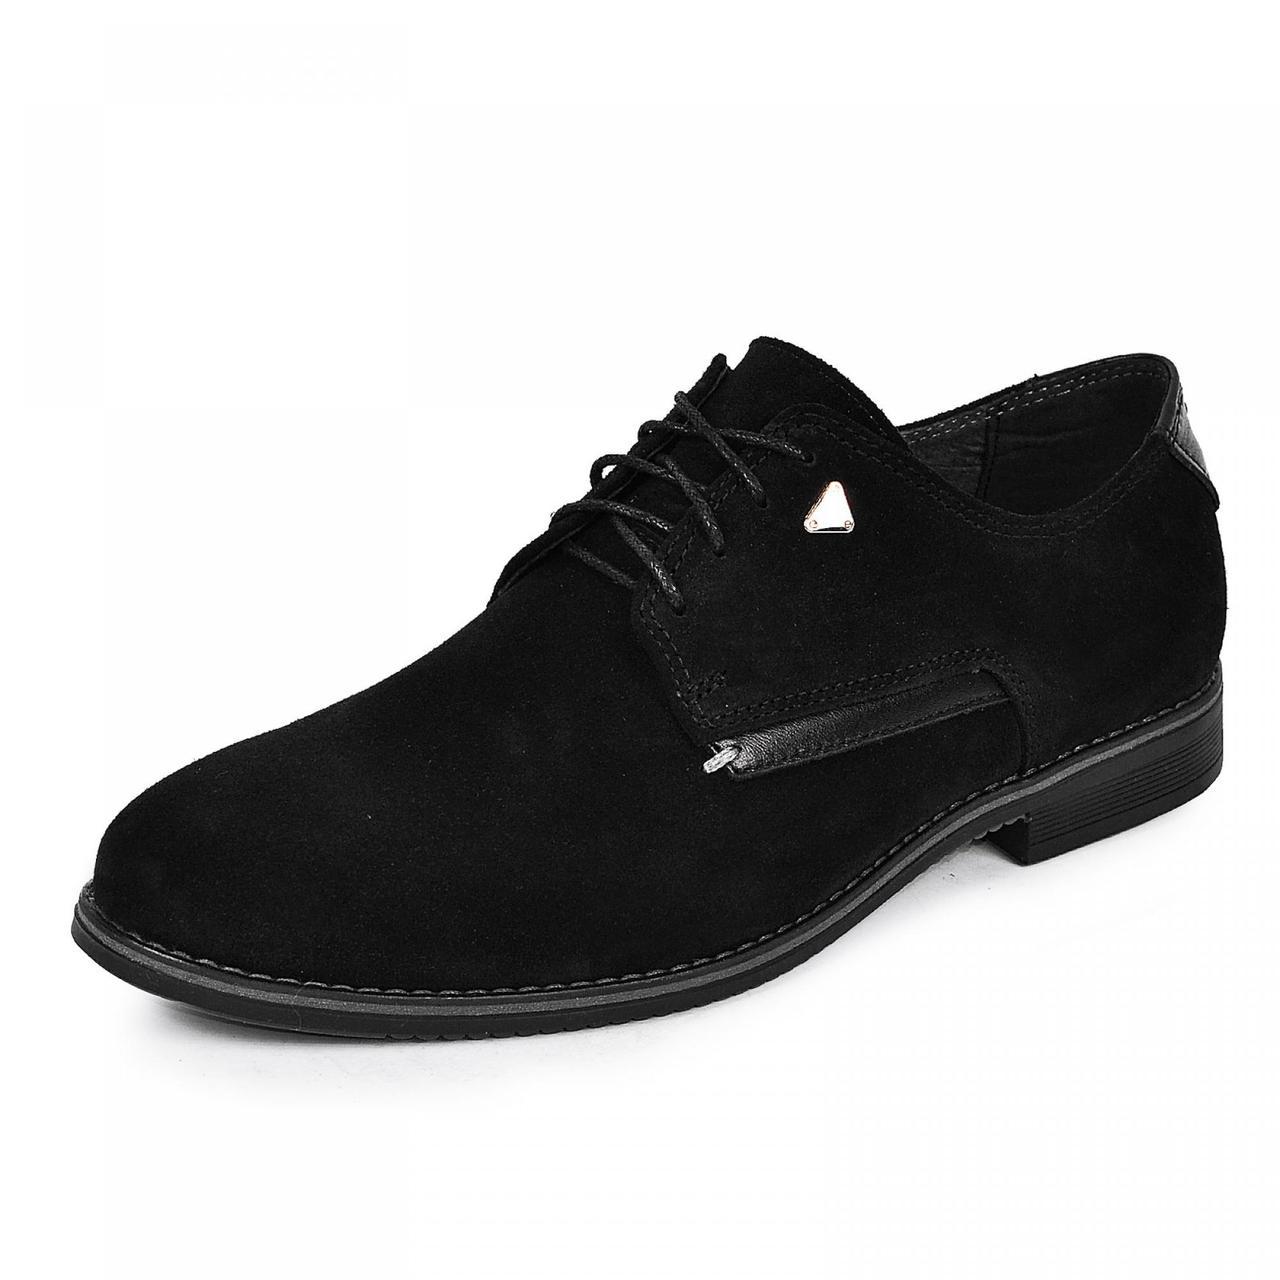 Чоловічі туфлі чорний натуральний замш великих розмірів р. 46 47 48 49